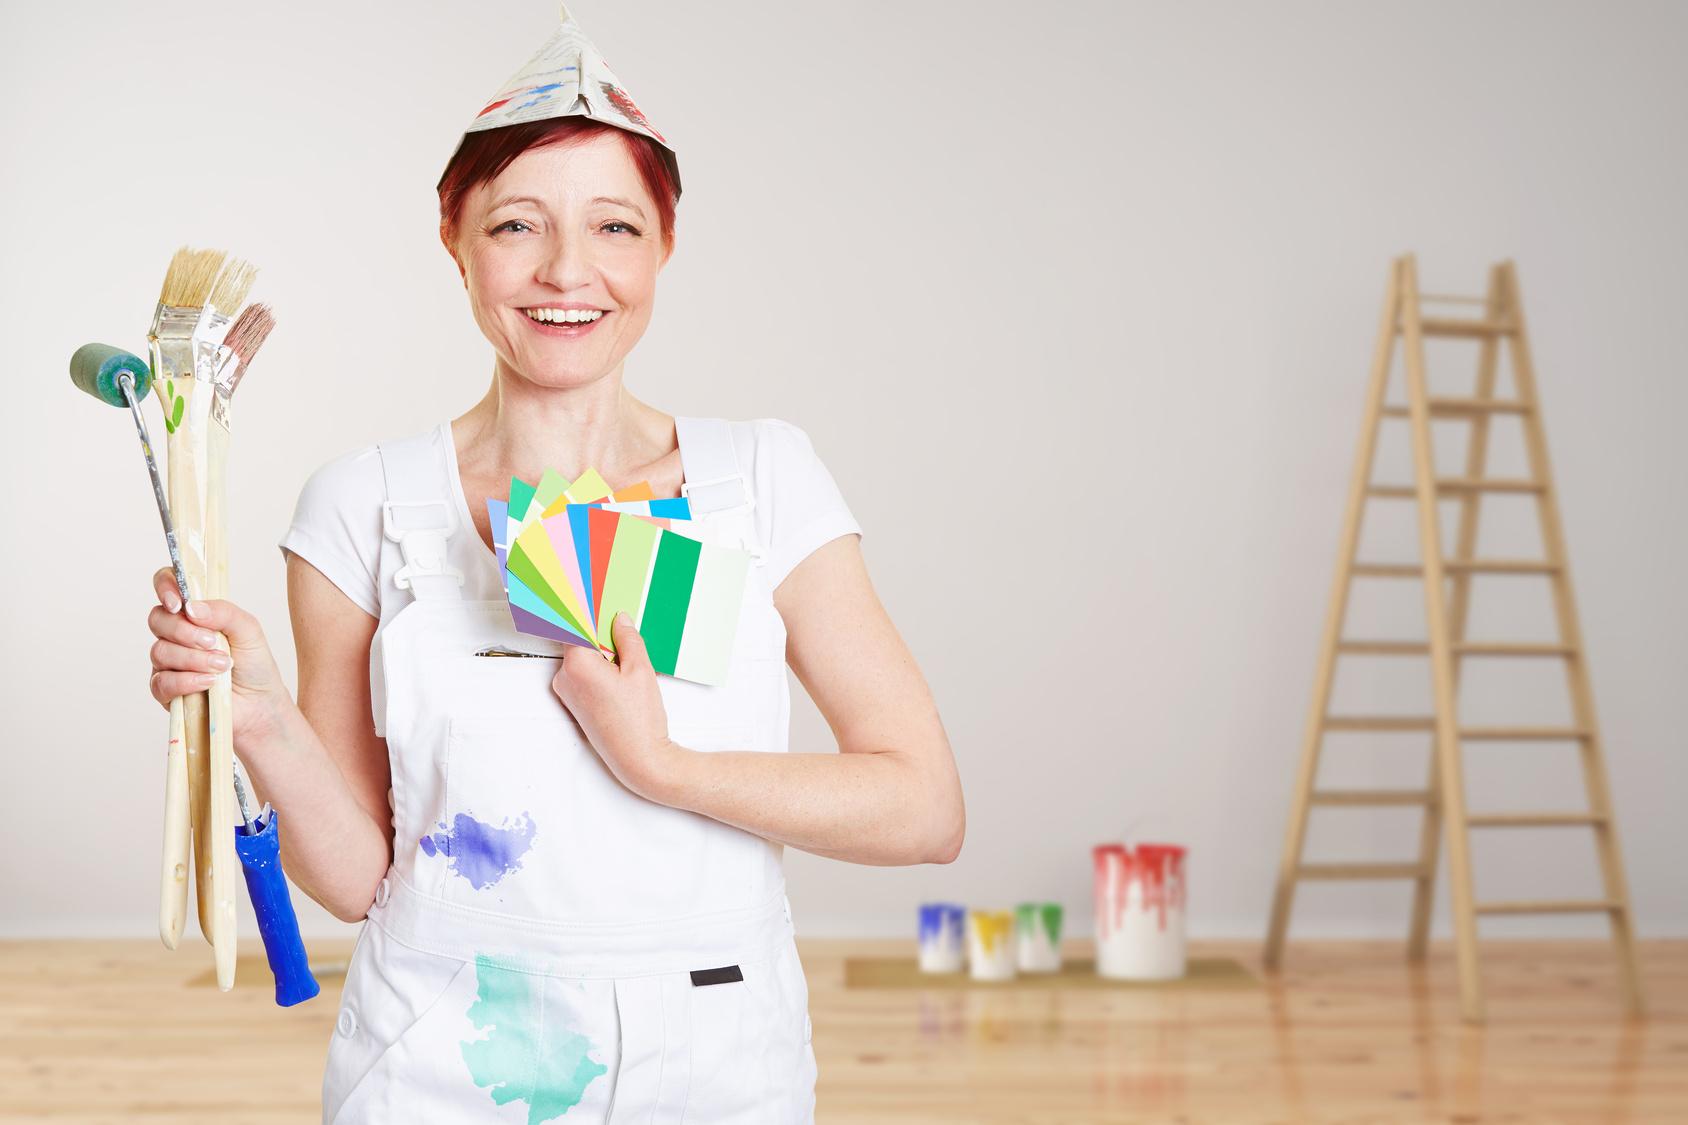 conseil peinture les techniques pour peindre sans trace. Black Bedroom Furniture Sets. Home Design Ideas